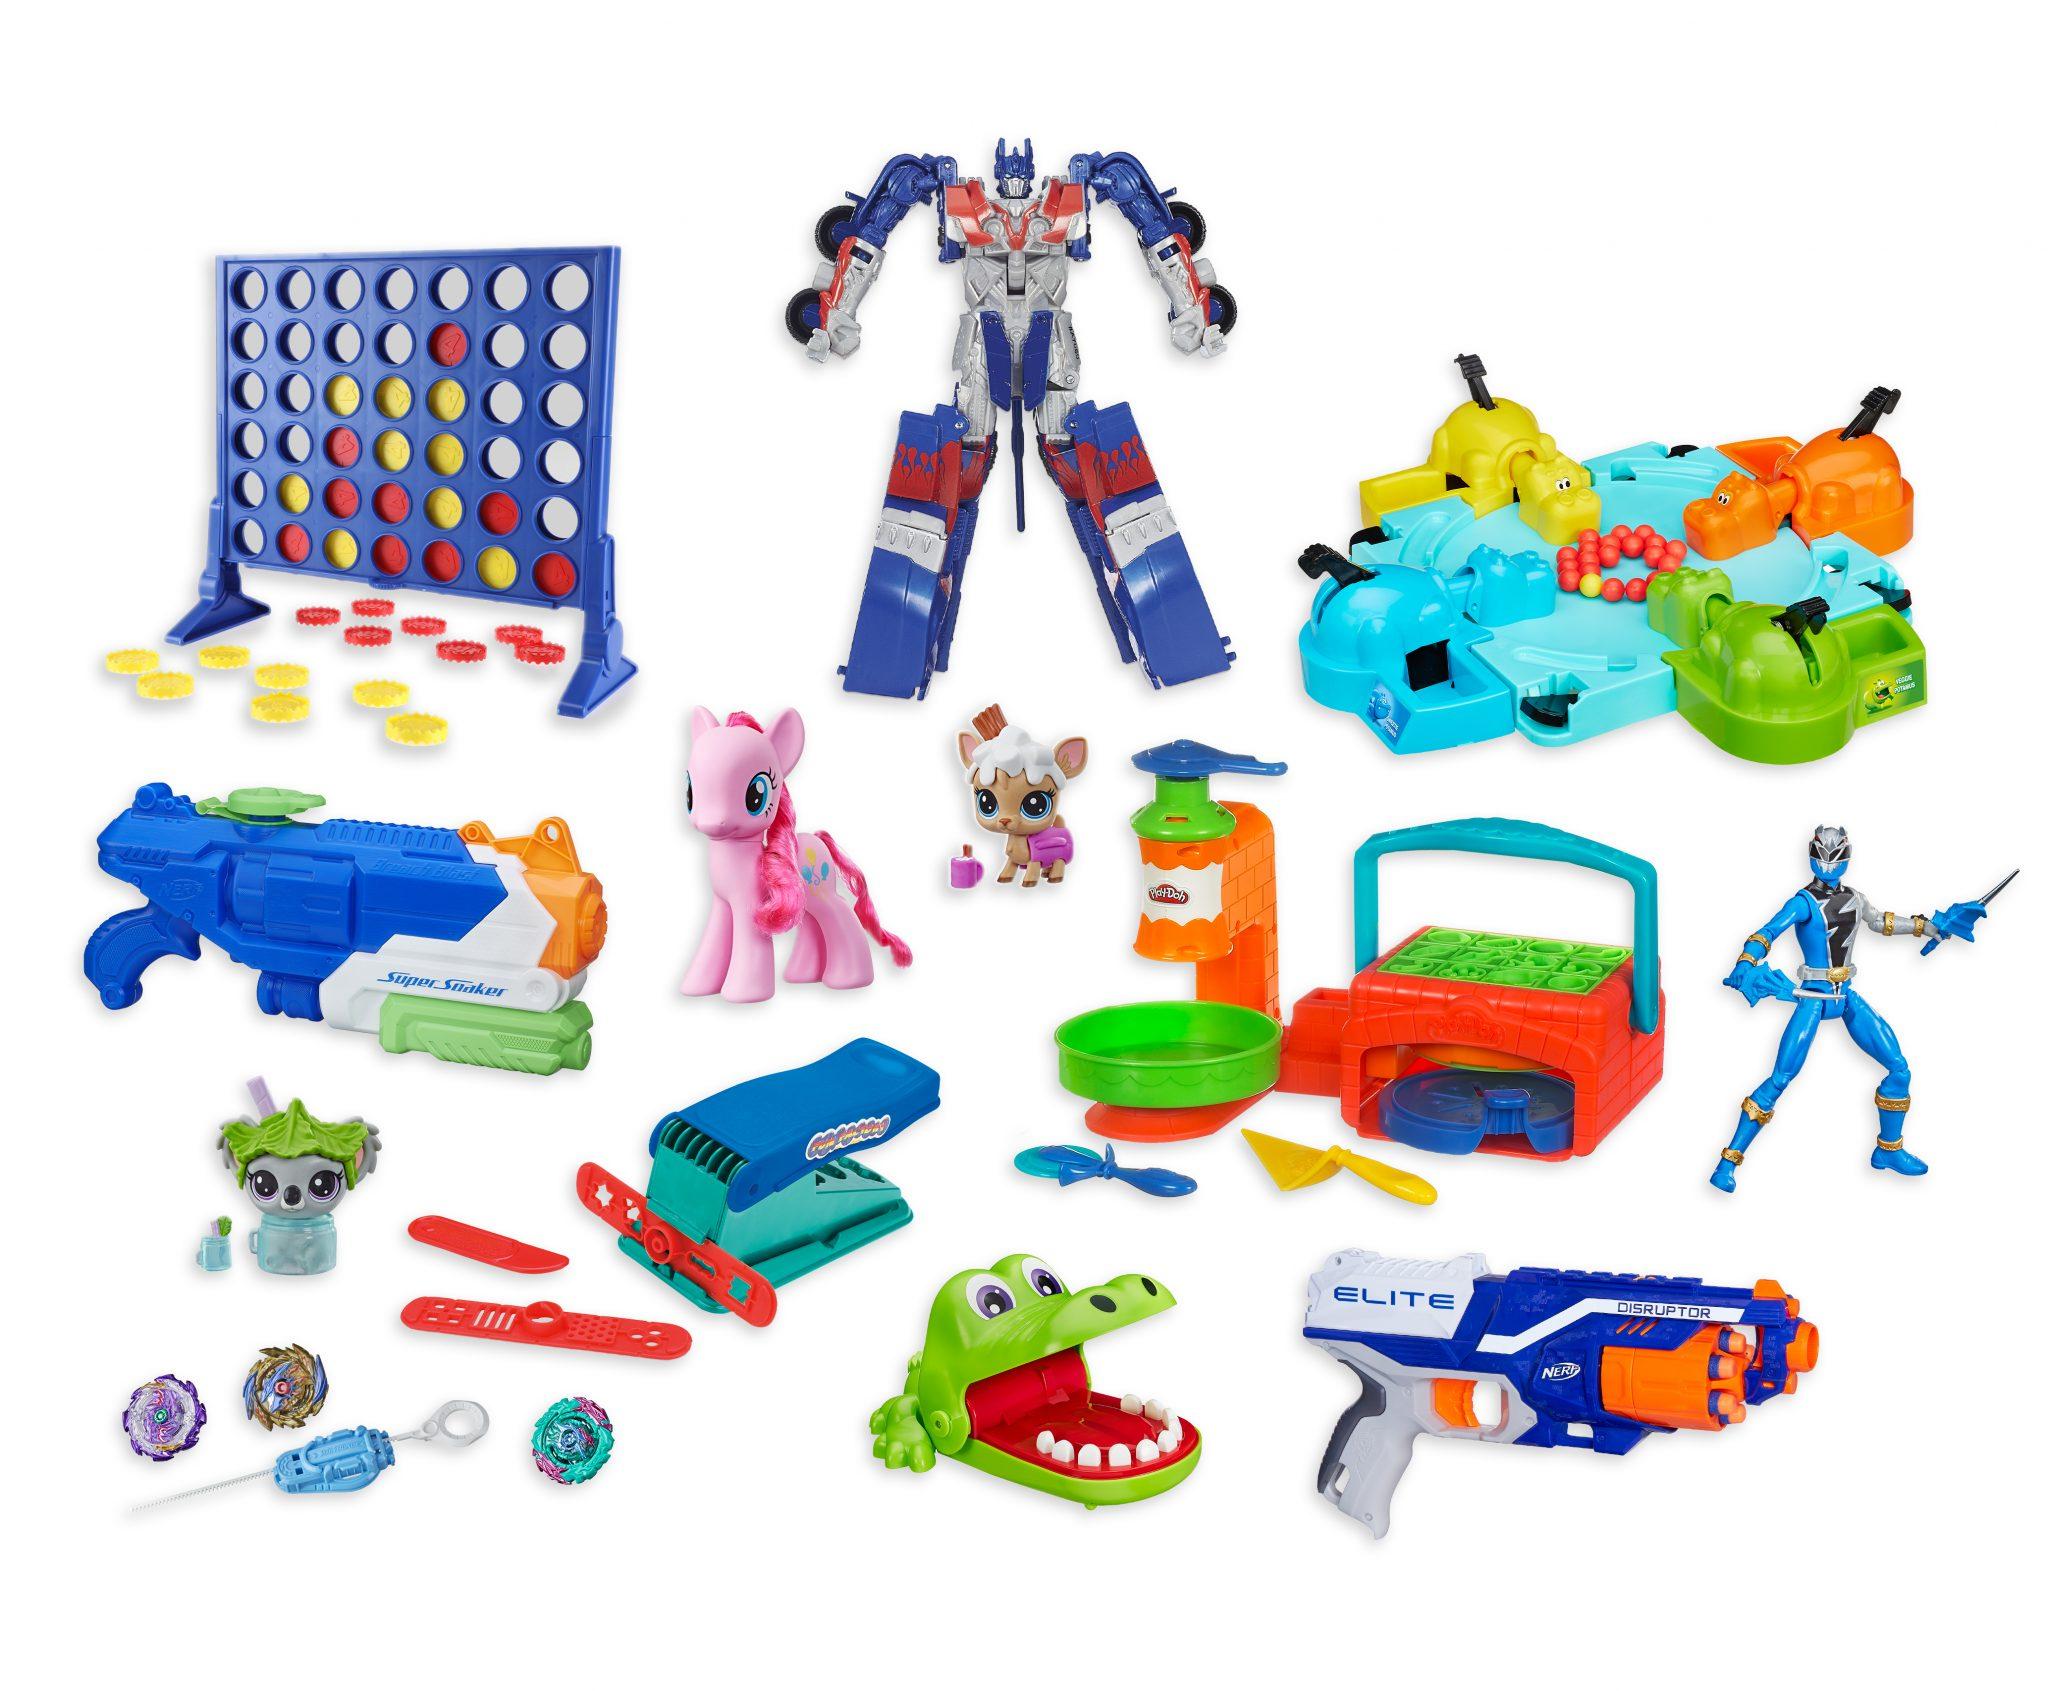 Welche Spielwaren du_recycled werden